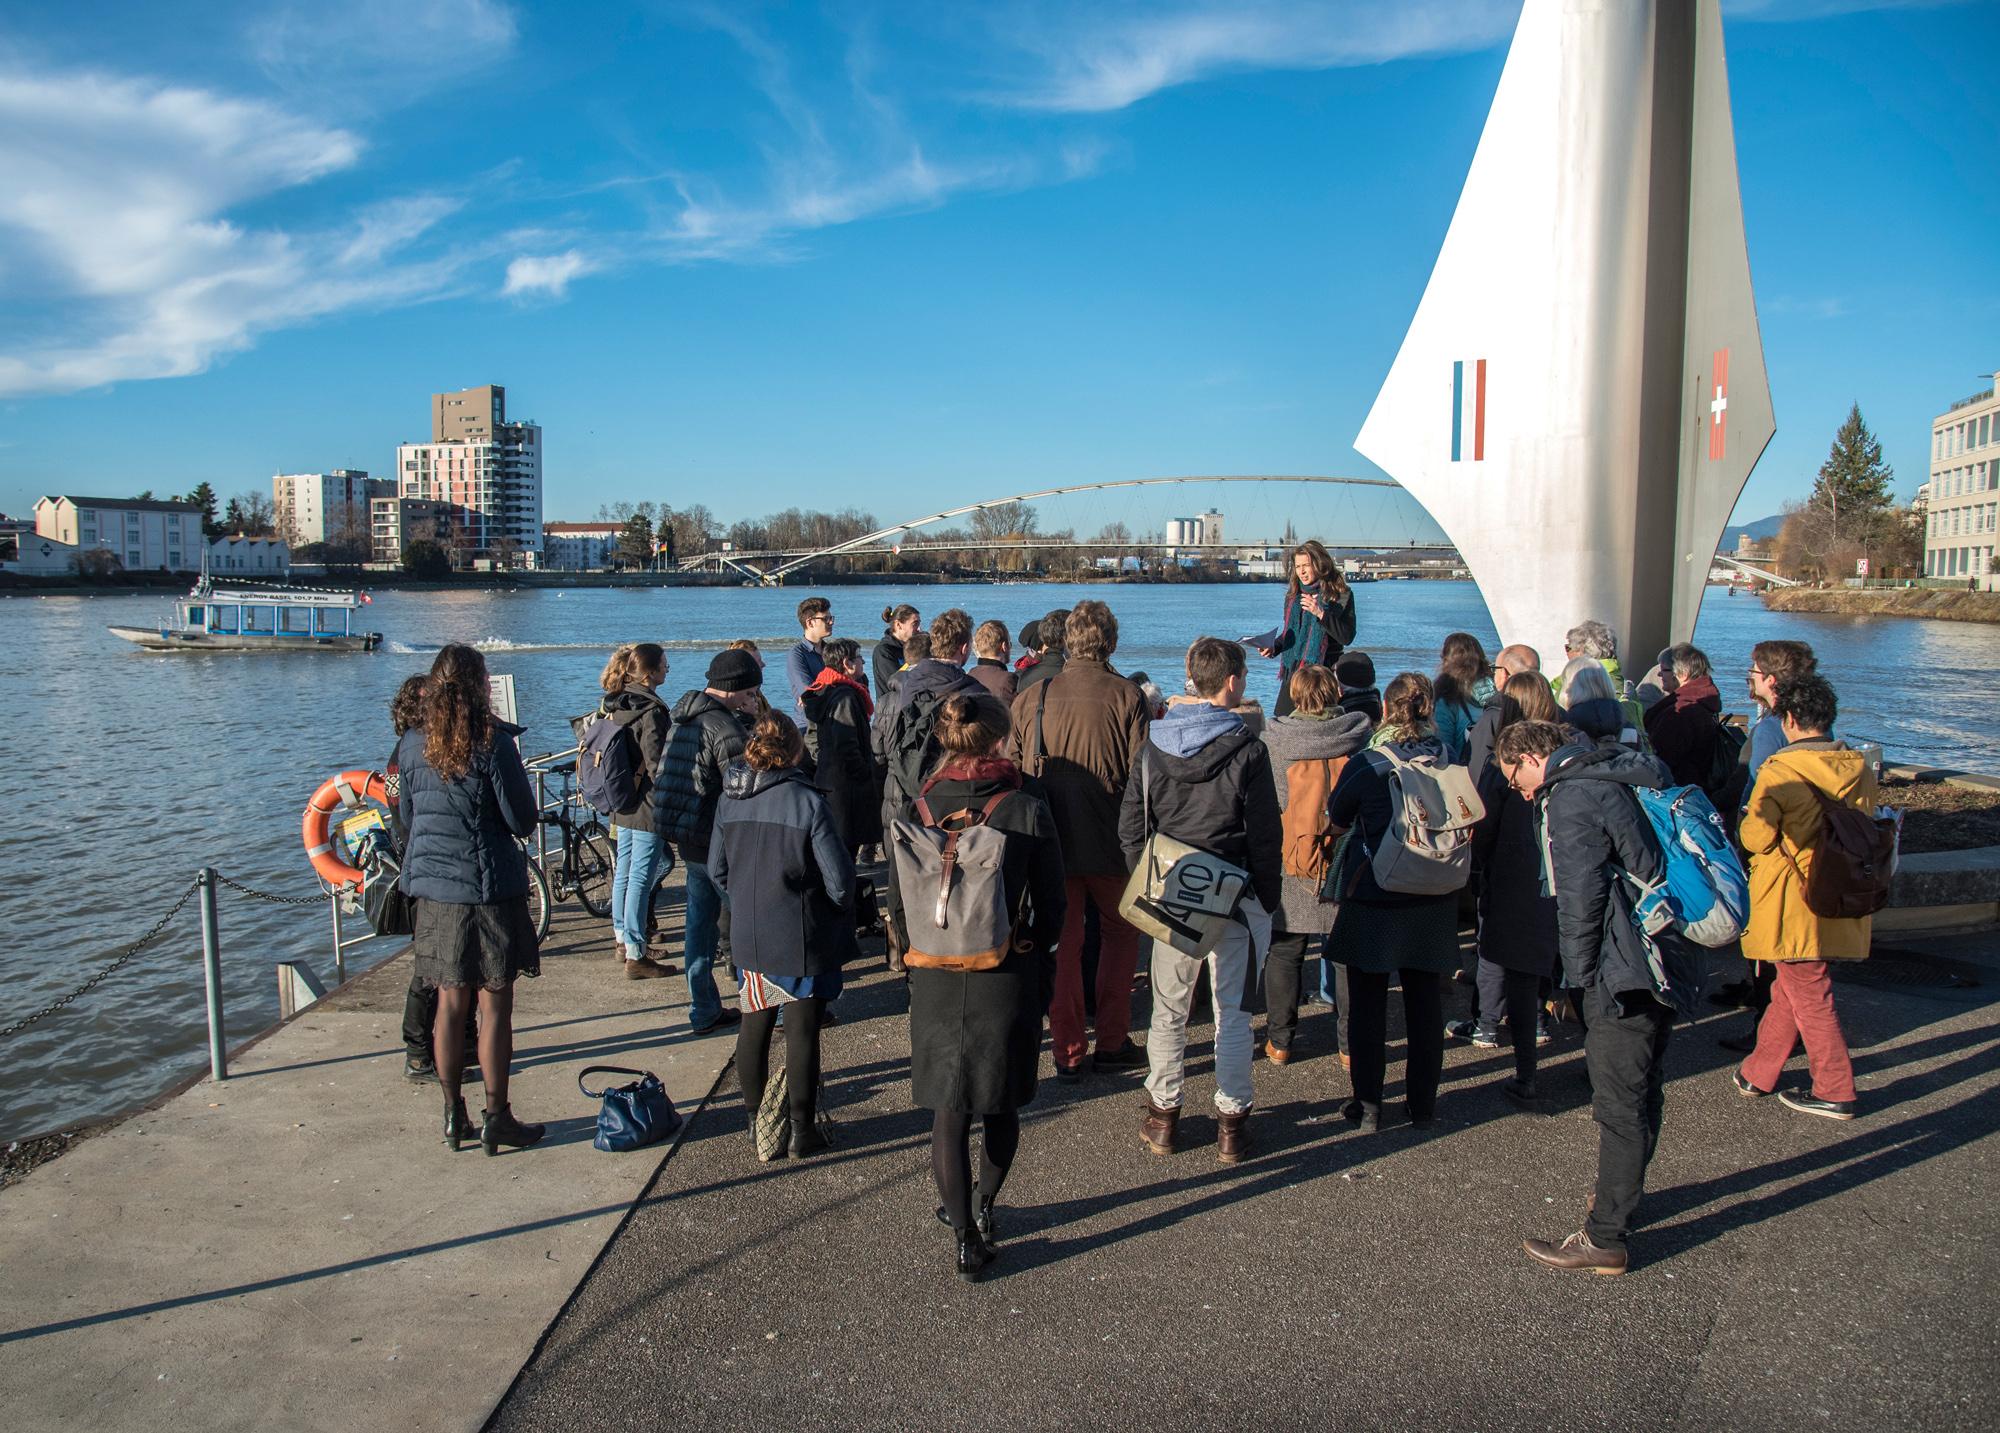 «Die soziale Gerechtigkeit wird dem neuen Stadtraum zum Opfer fallen» – Dr. Claudia Saalfrank erklärt den gleichgesinnten Spaziergängern vor dem «Pylon» ihre Position zum Projekt «3Land».